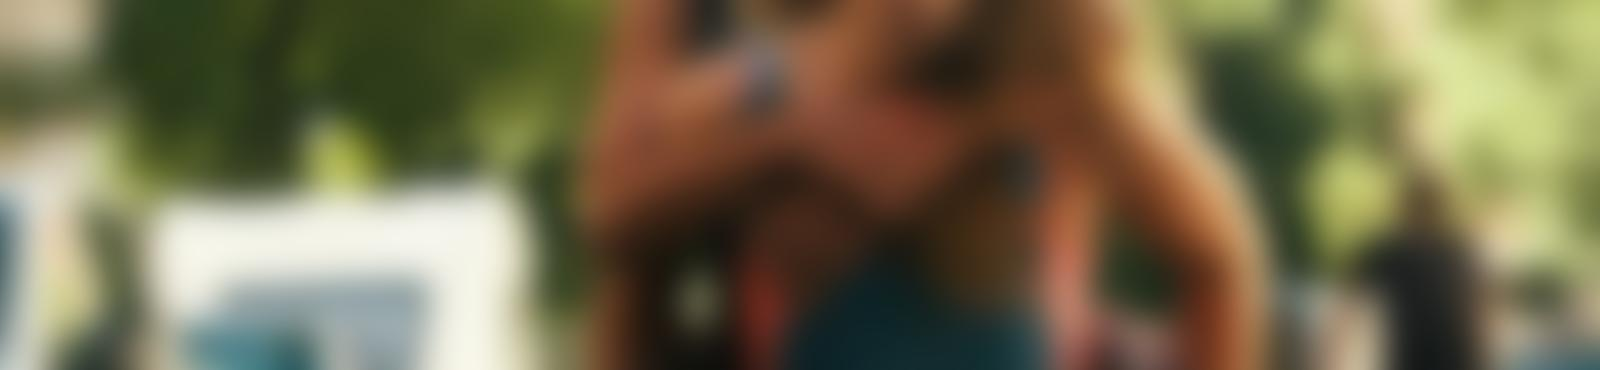 Blurred 2a7b118f b9ec 4d89 b34f fa9eee608a90